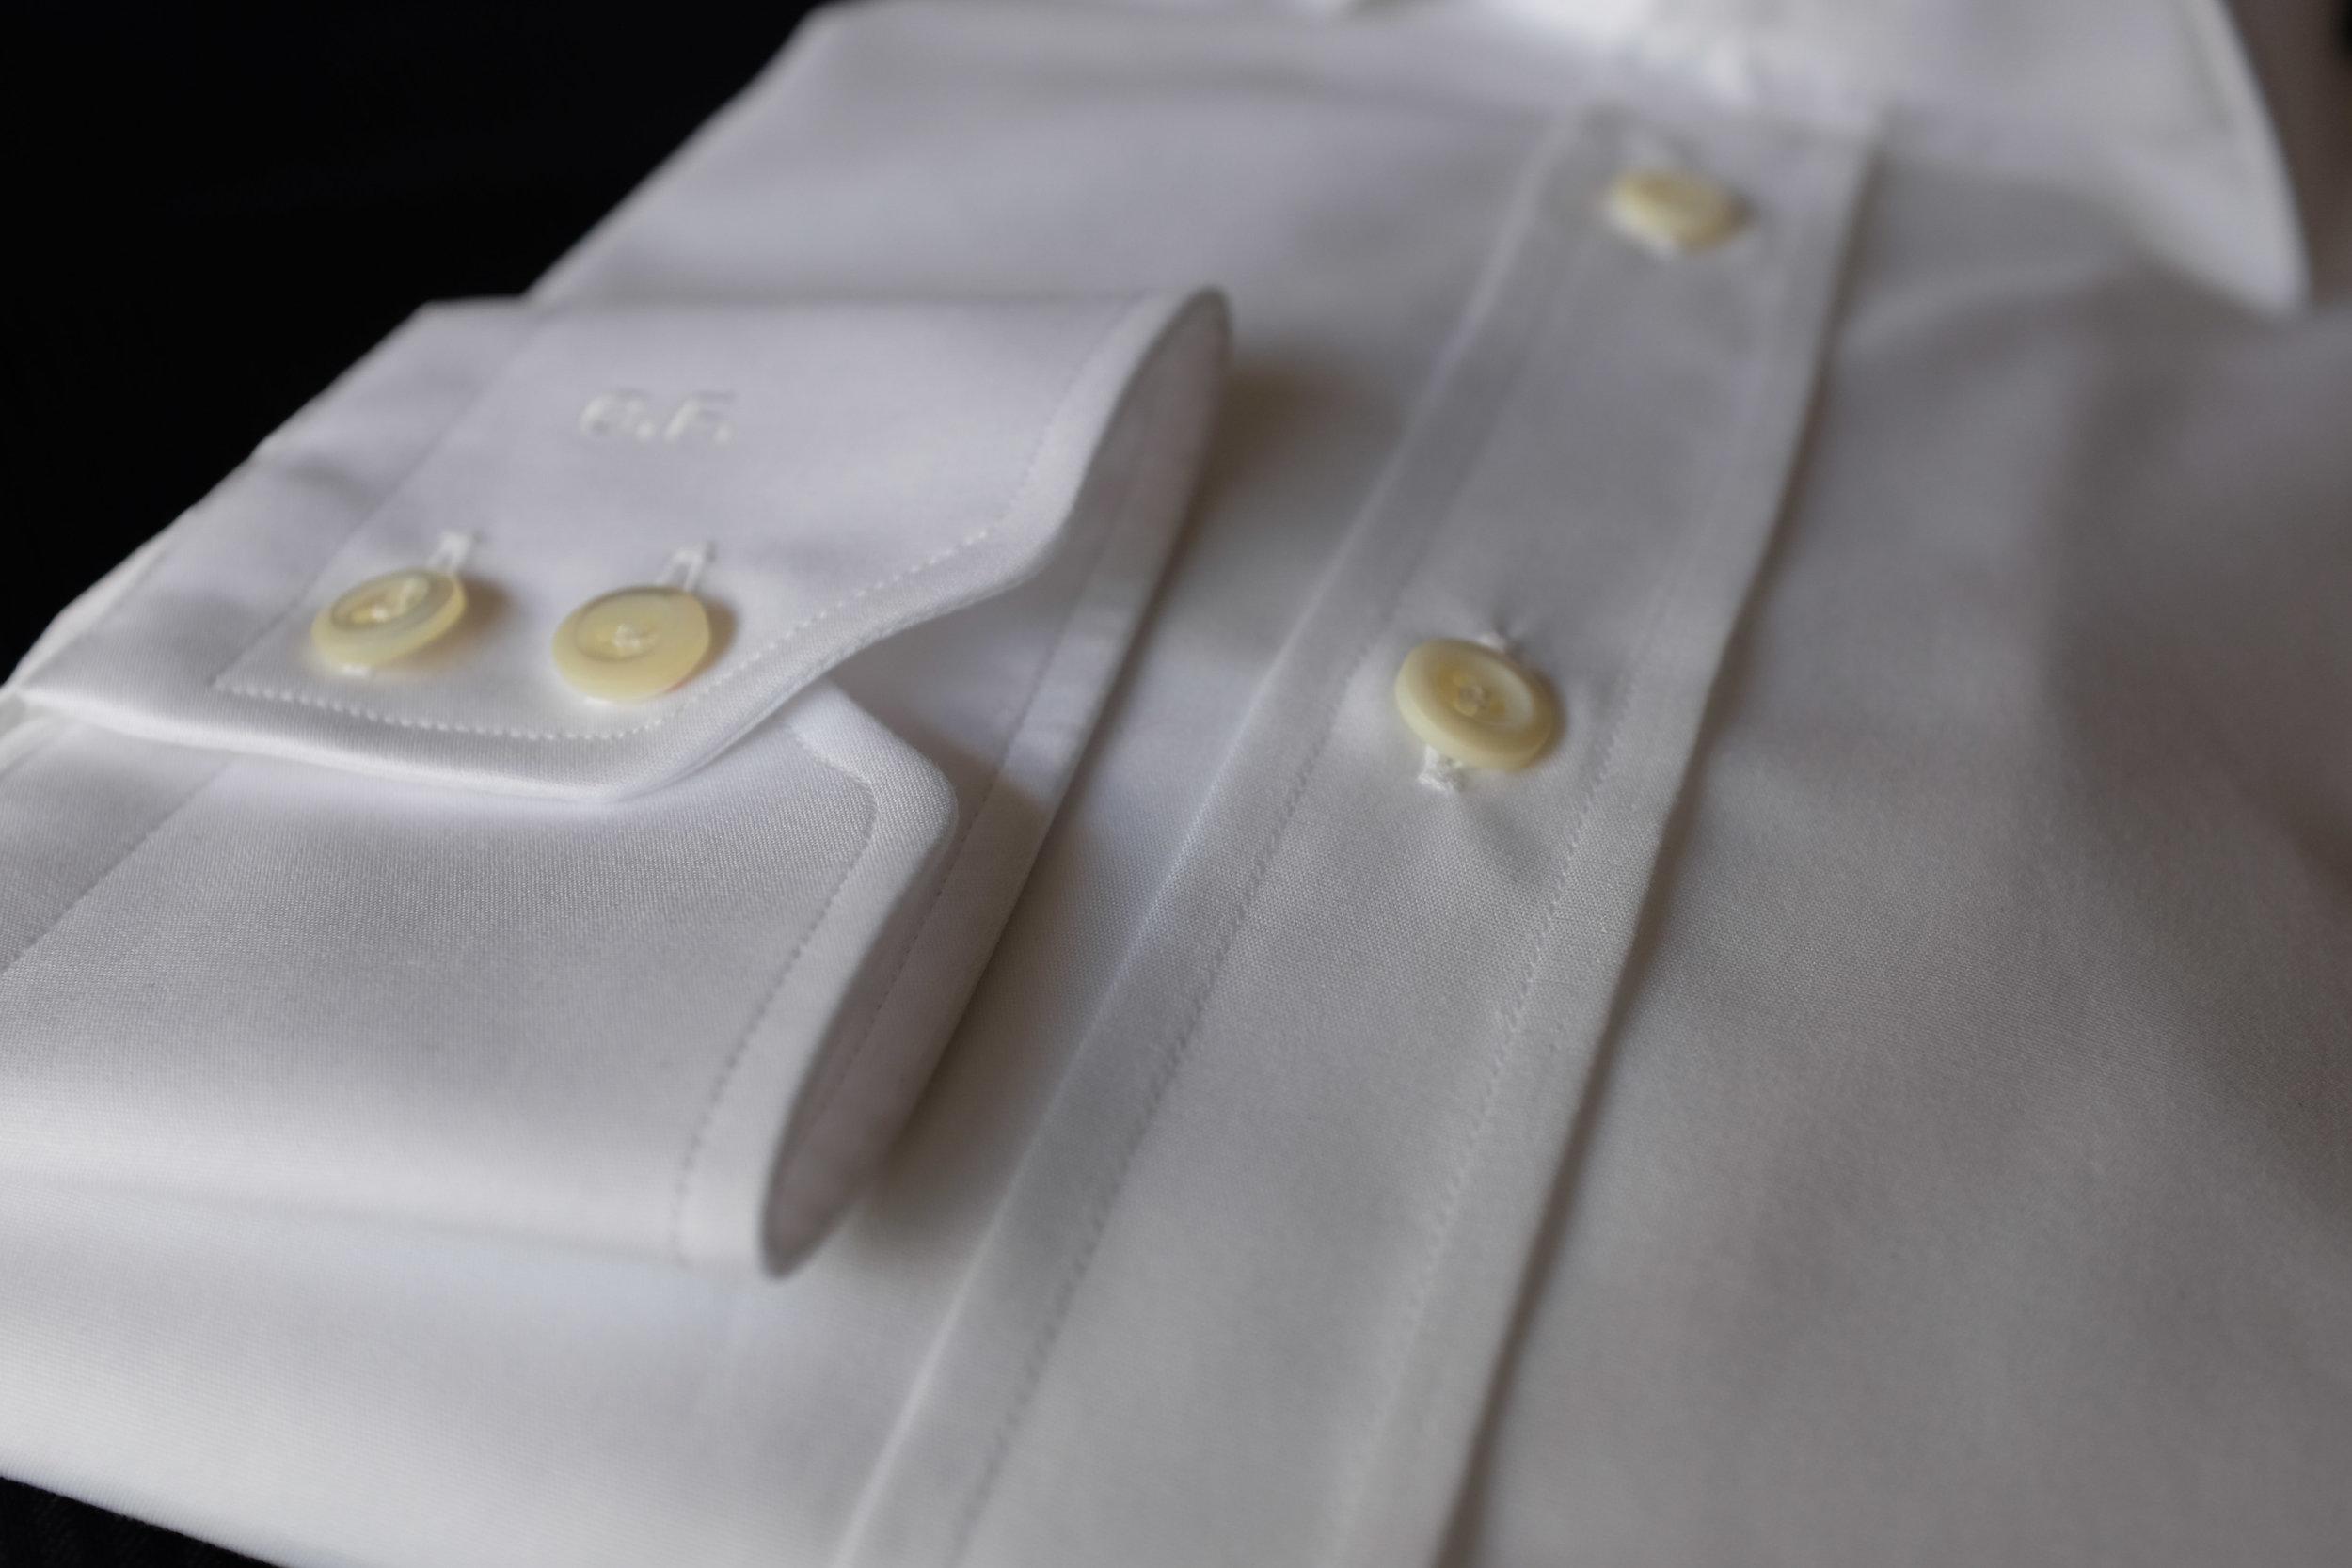 Hemden - Einfach auswählen, Masshemden von van Laack oder Halbmasshemden von Kauf.